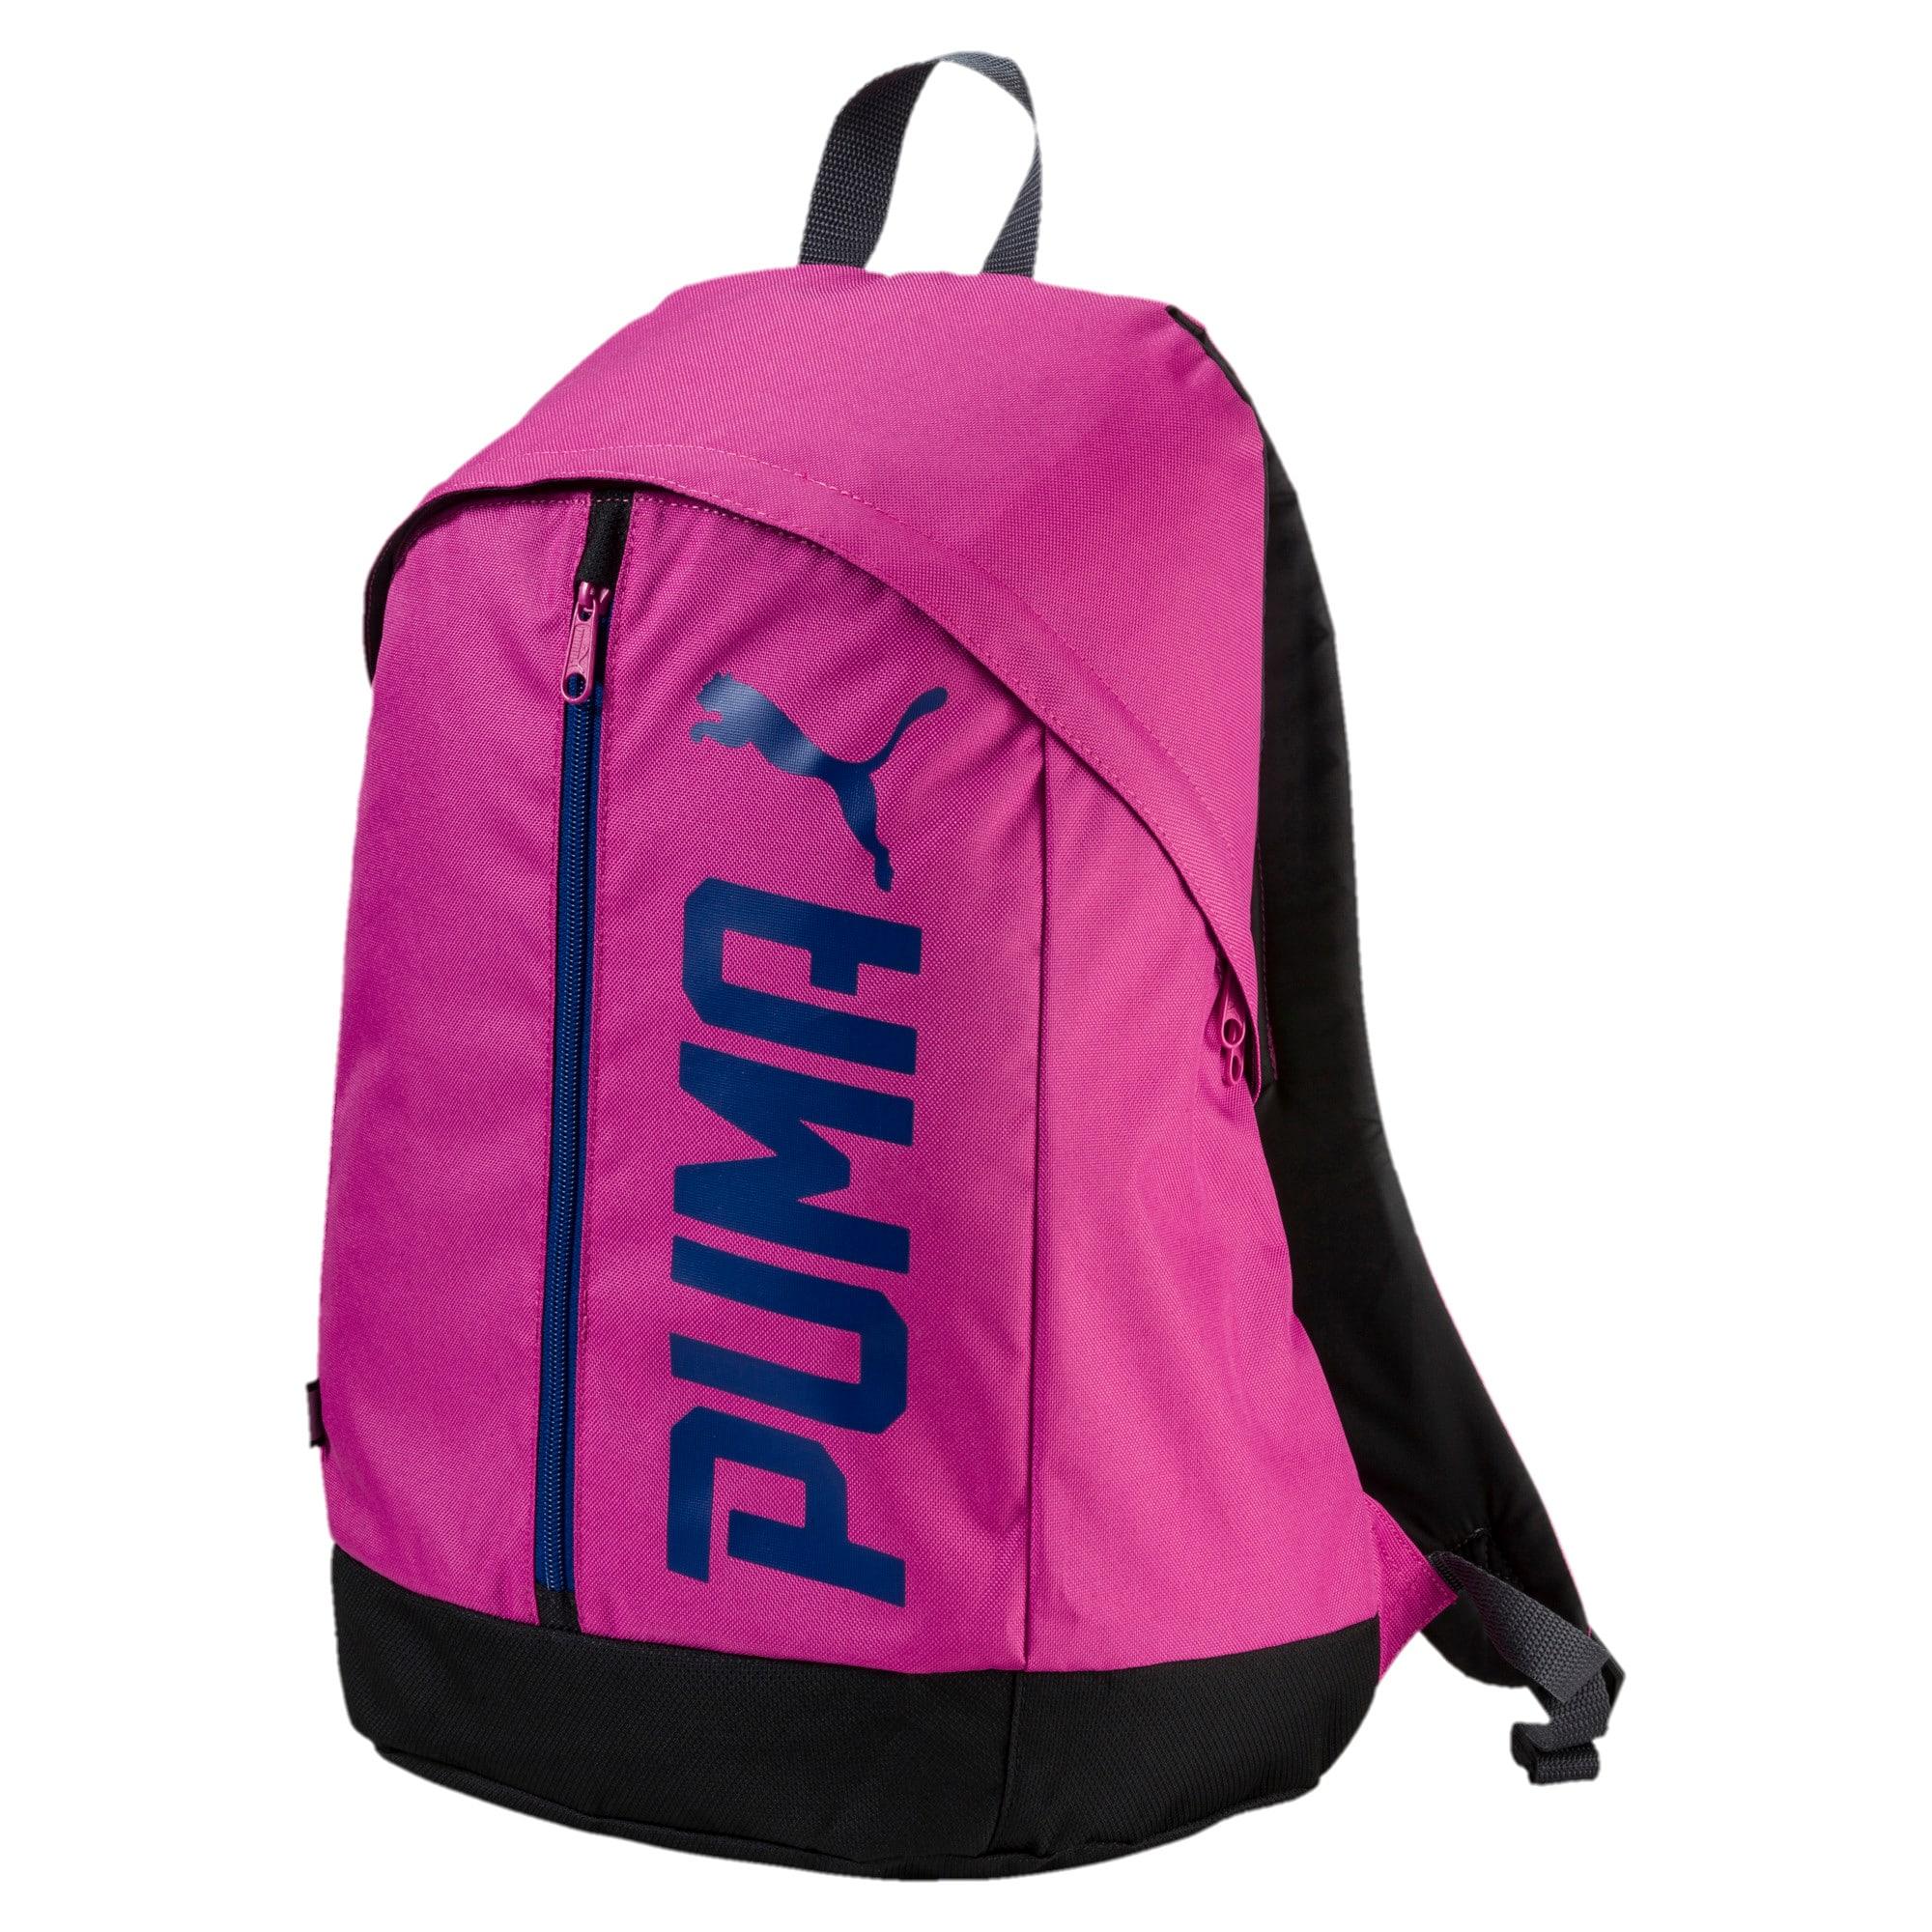 Thumbnail 1 of Pioneer Backpack II, Rose Violet, medium-IND